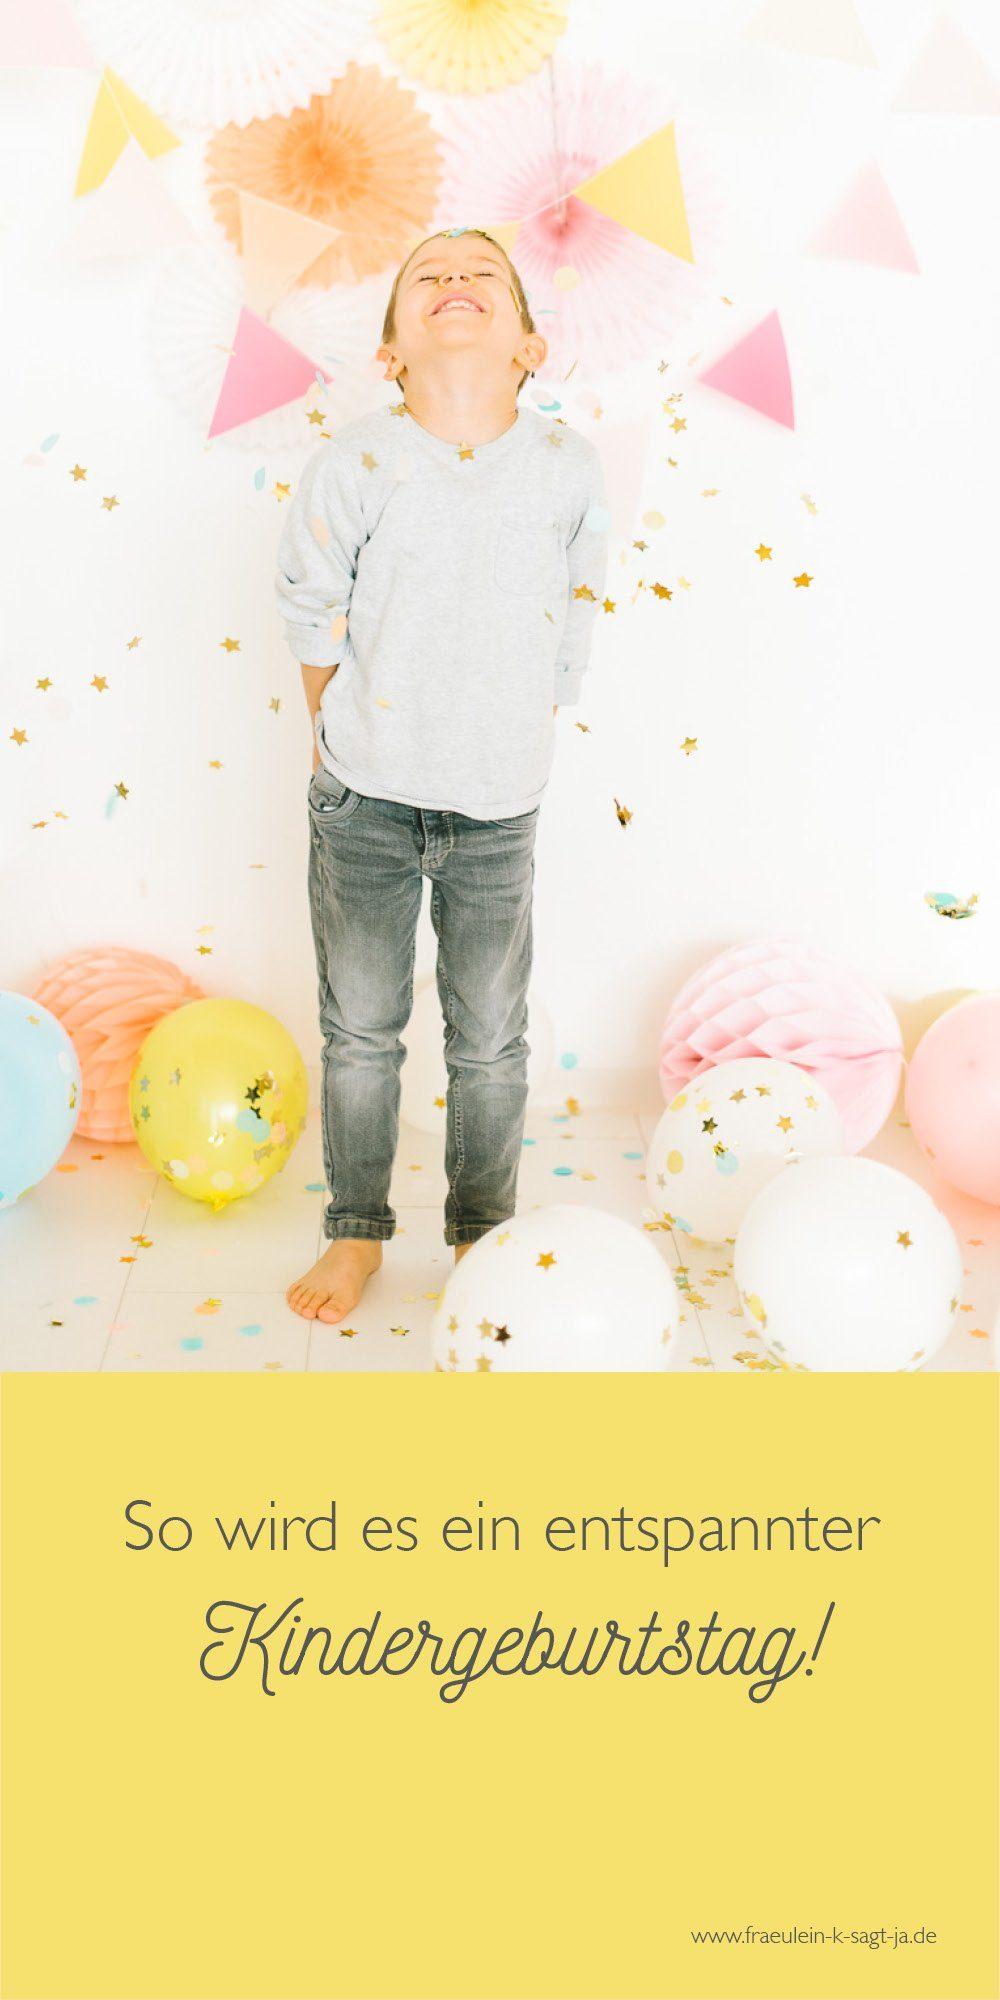 5 Tipps für einen wirklich entspannten Kindergeburtstag